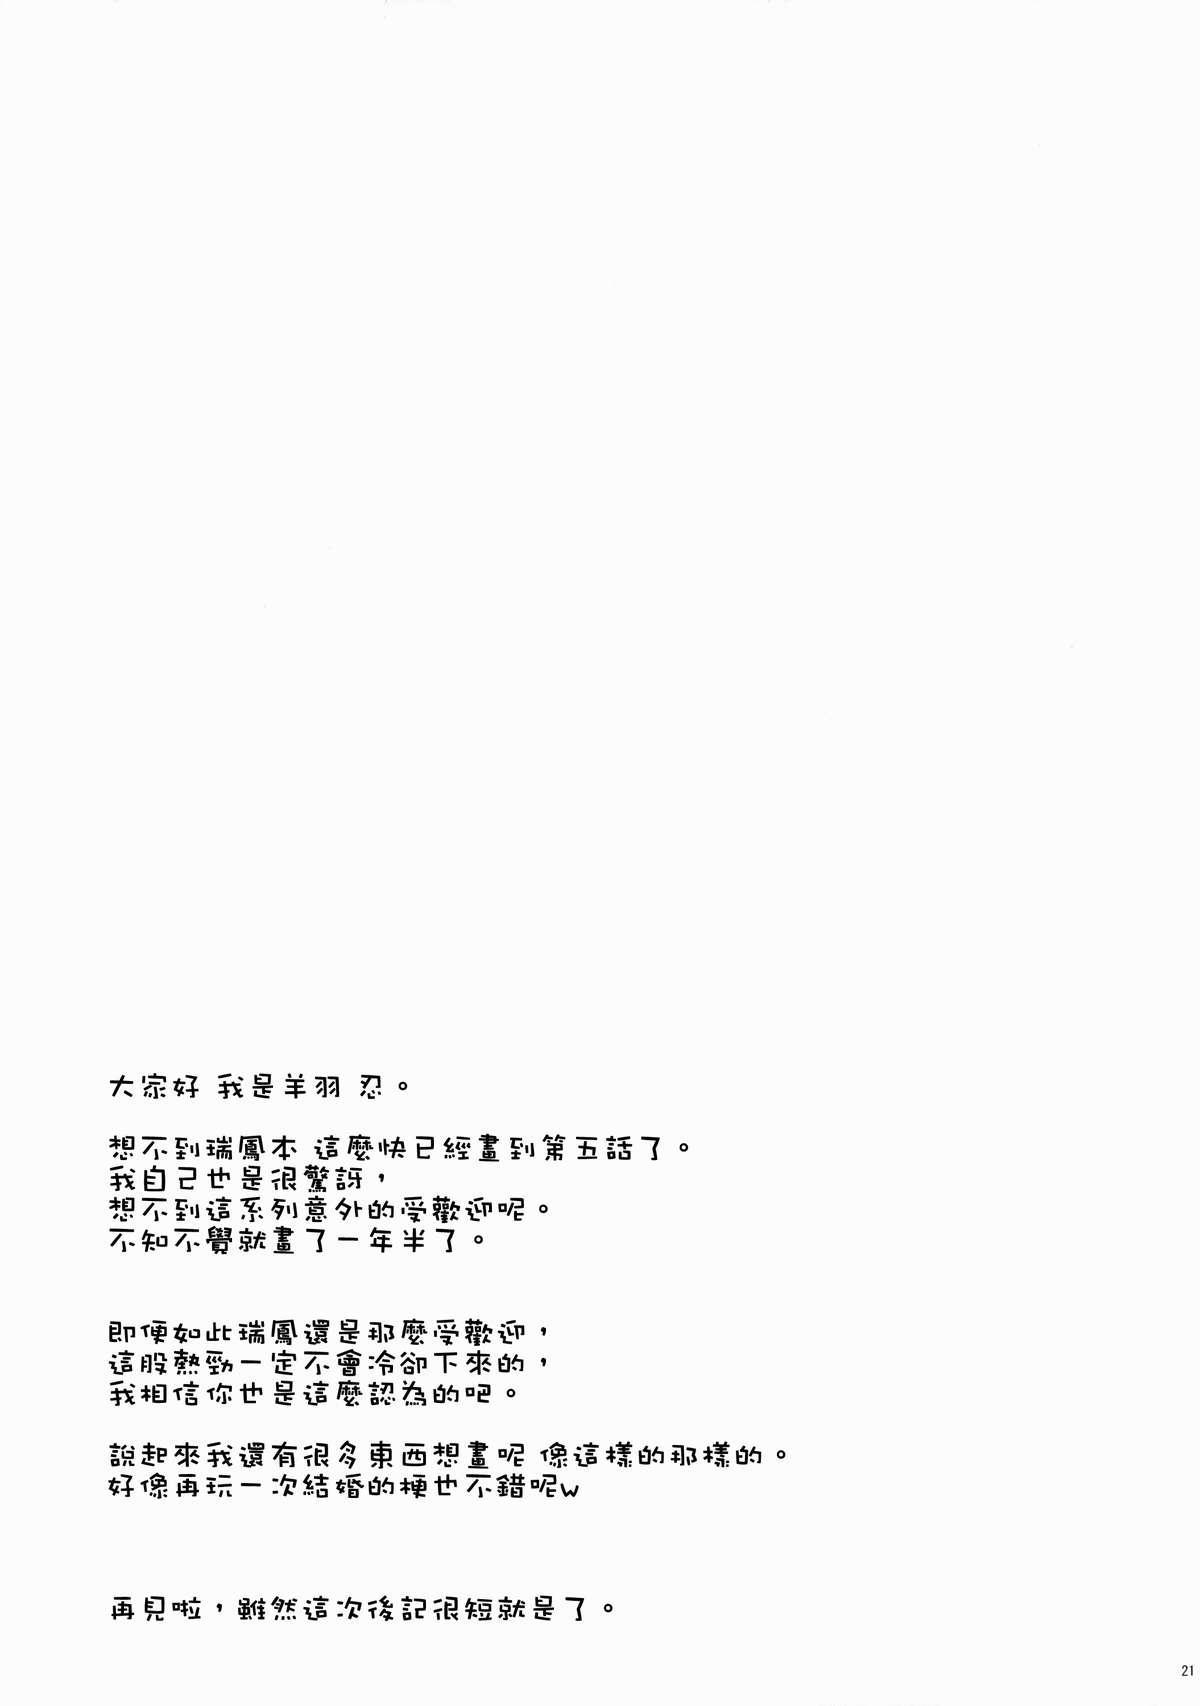 Zuihou wa Mina no Kakunouko 20